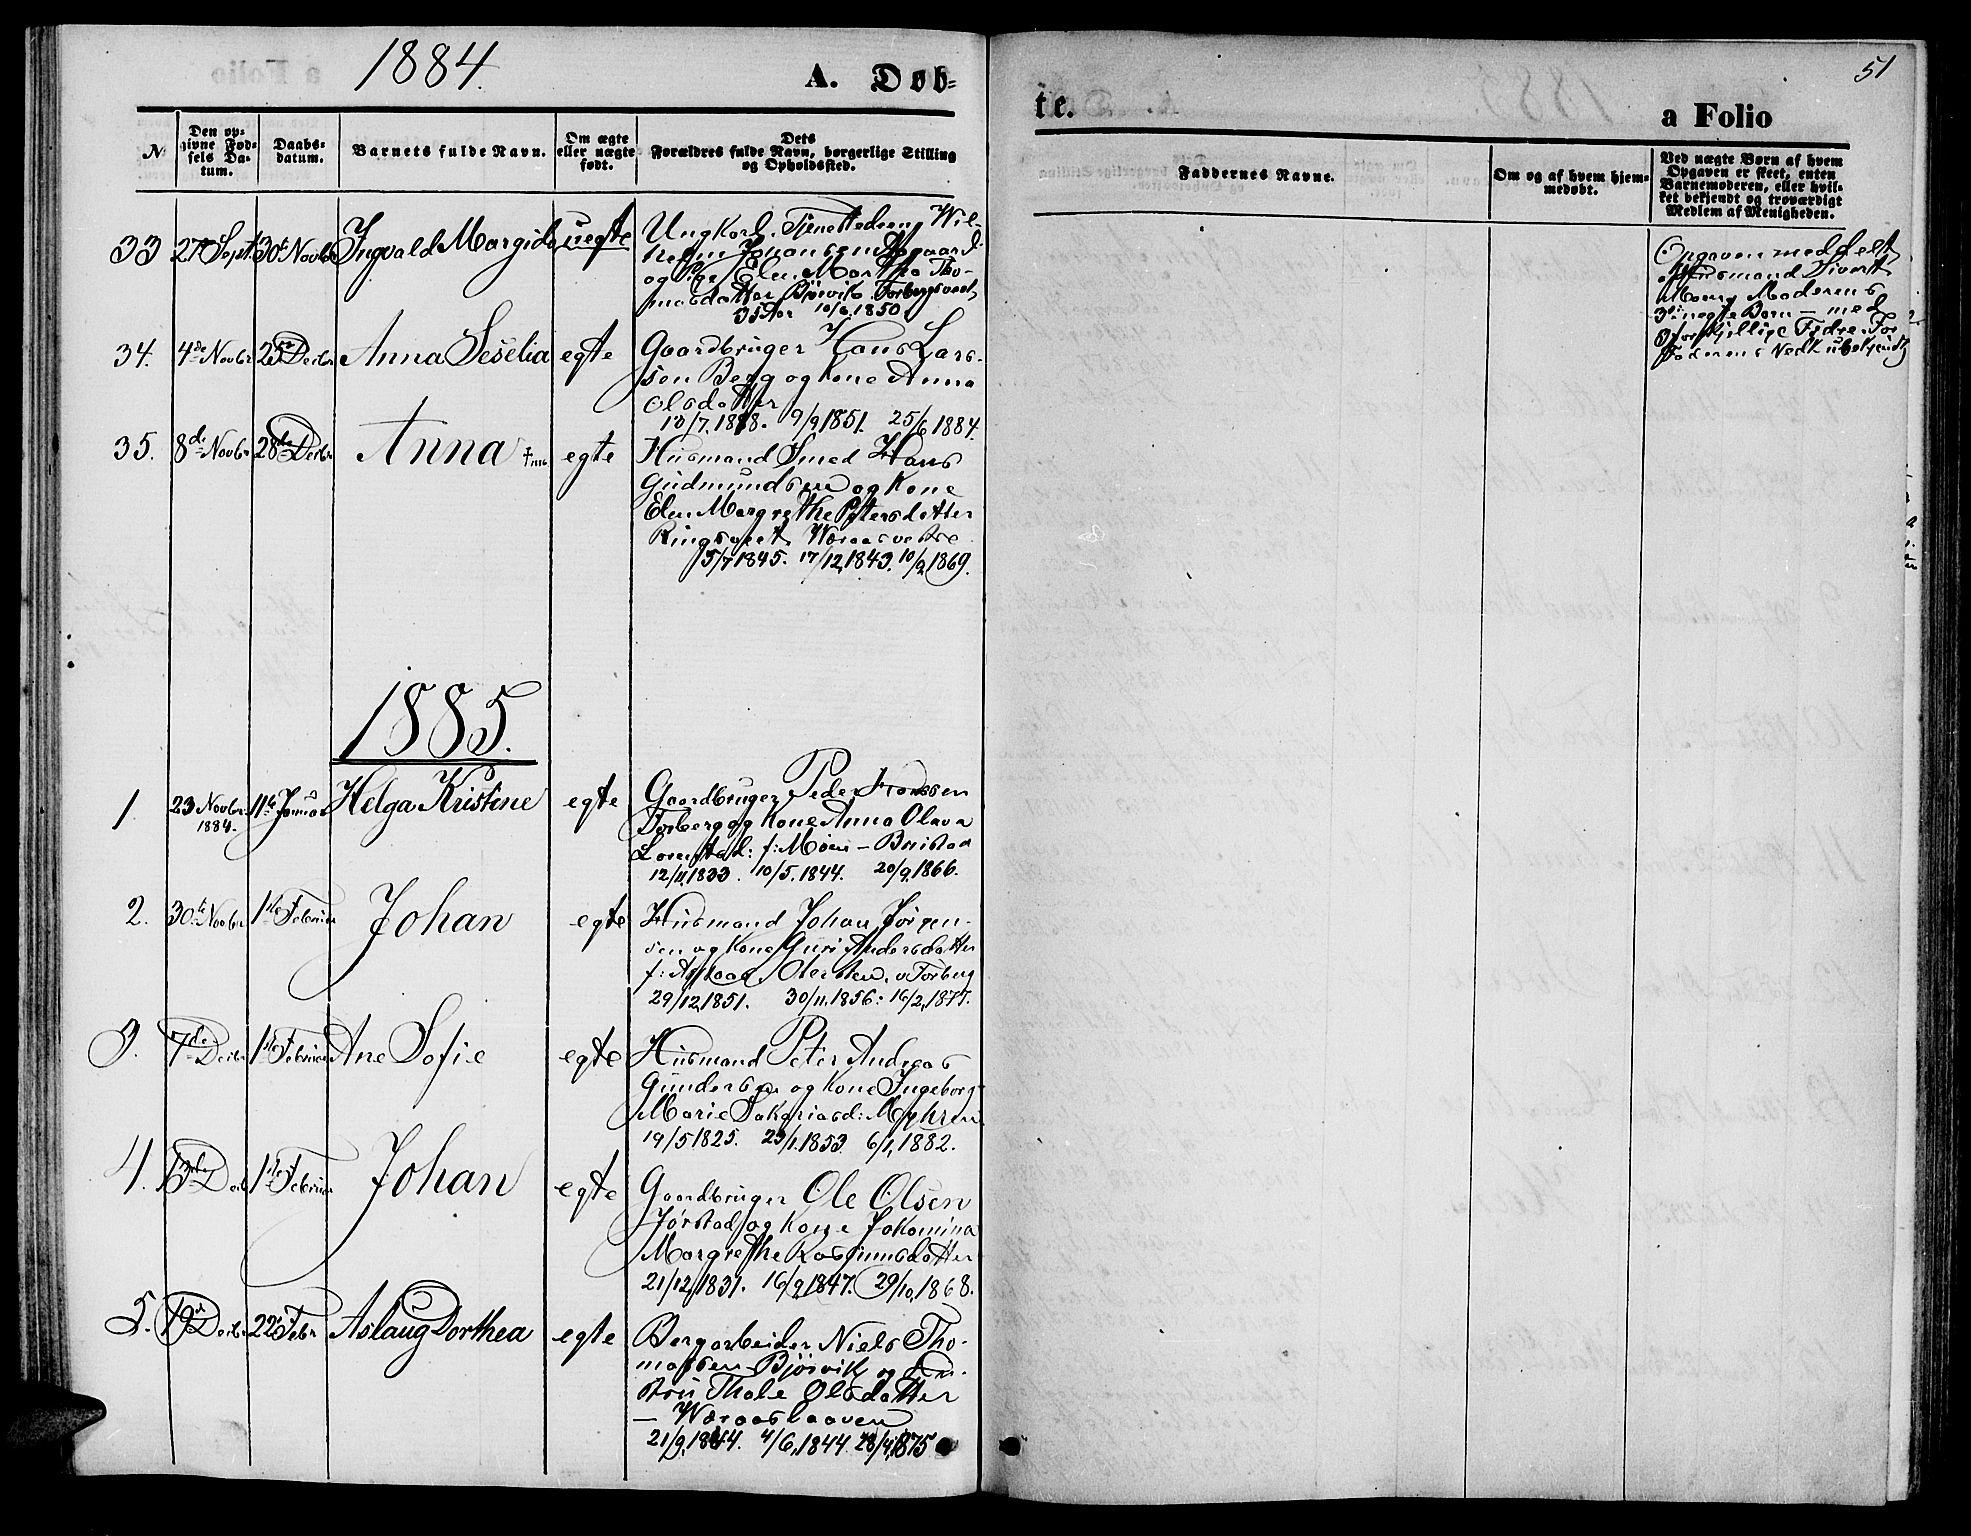 SAT, Ministerialprotokoller, klokkerbøker og fødselsregistre - Nord-Trøndelag, 722/L0225: Klokkerbok nr. 722C01, 1871-1888, s. 51